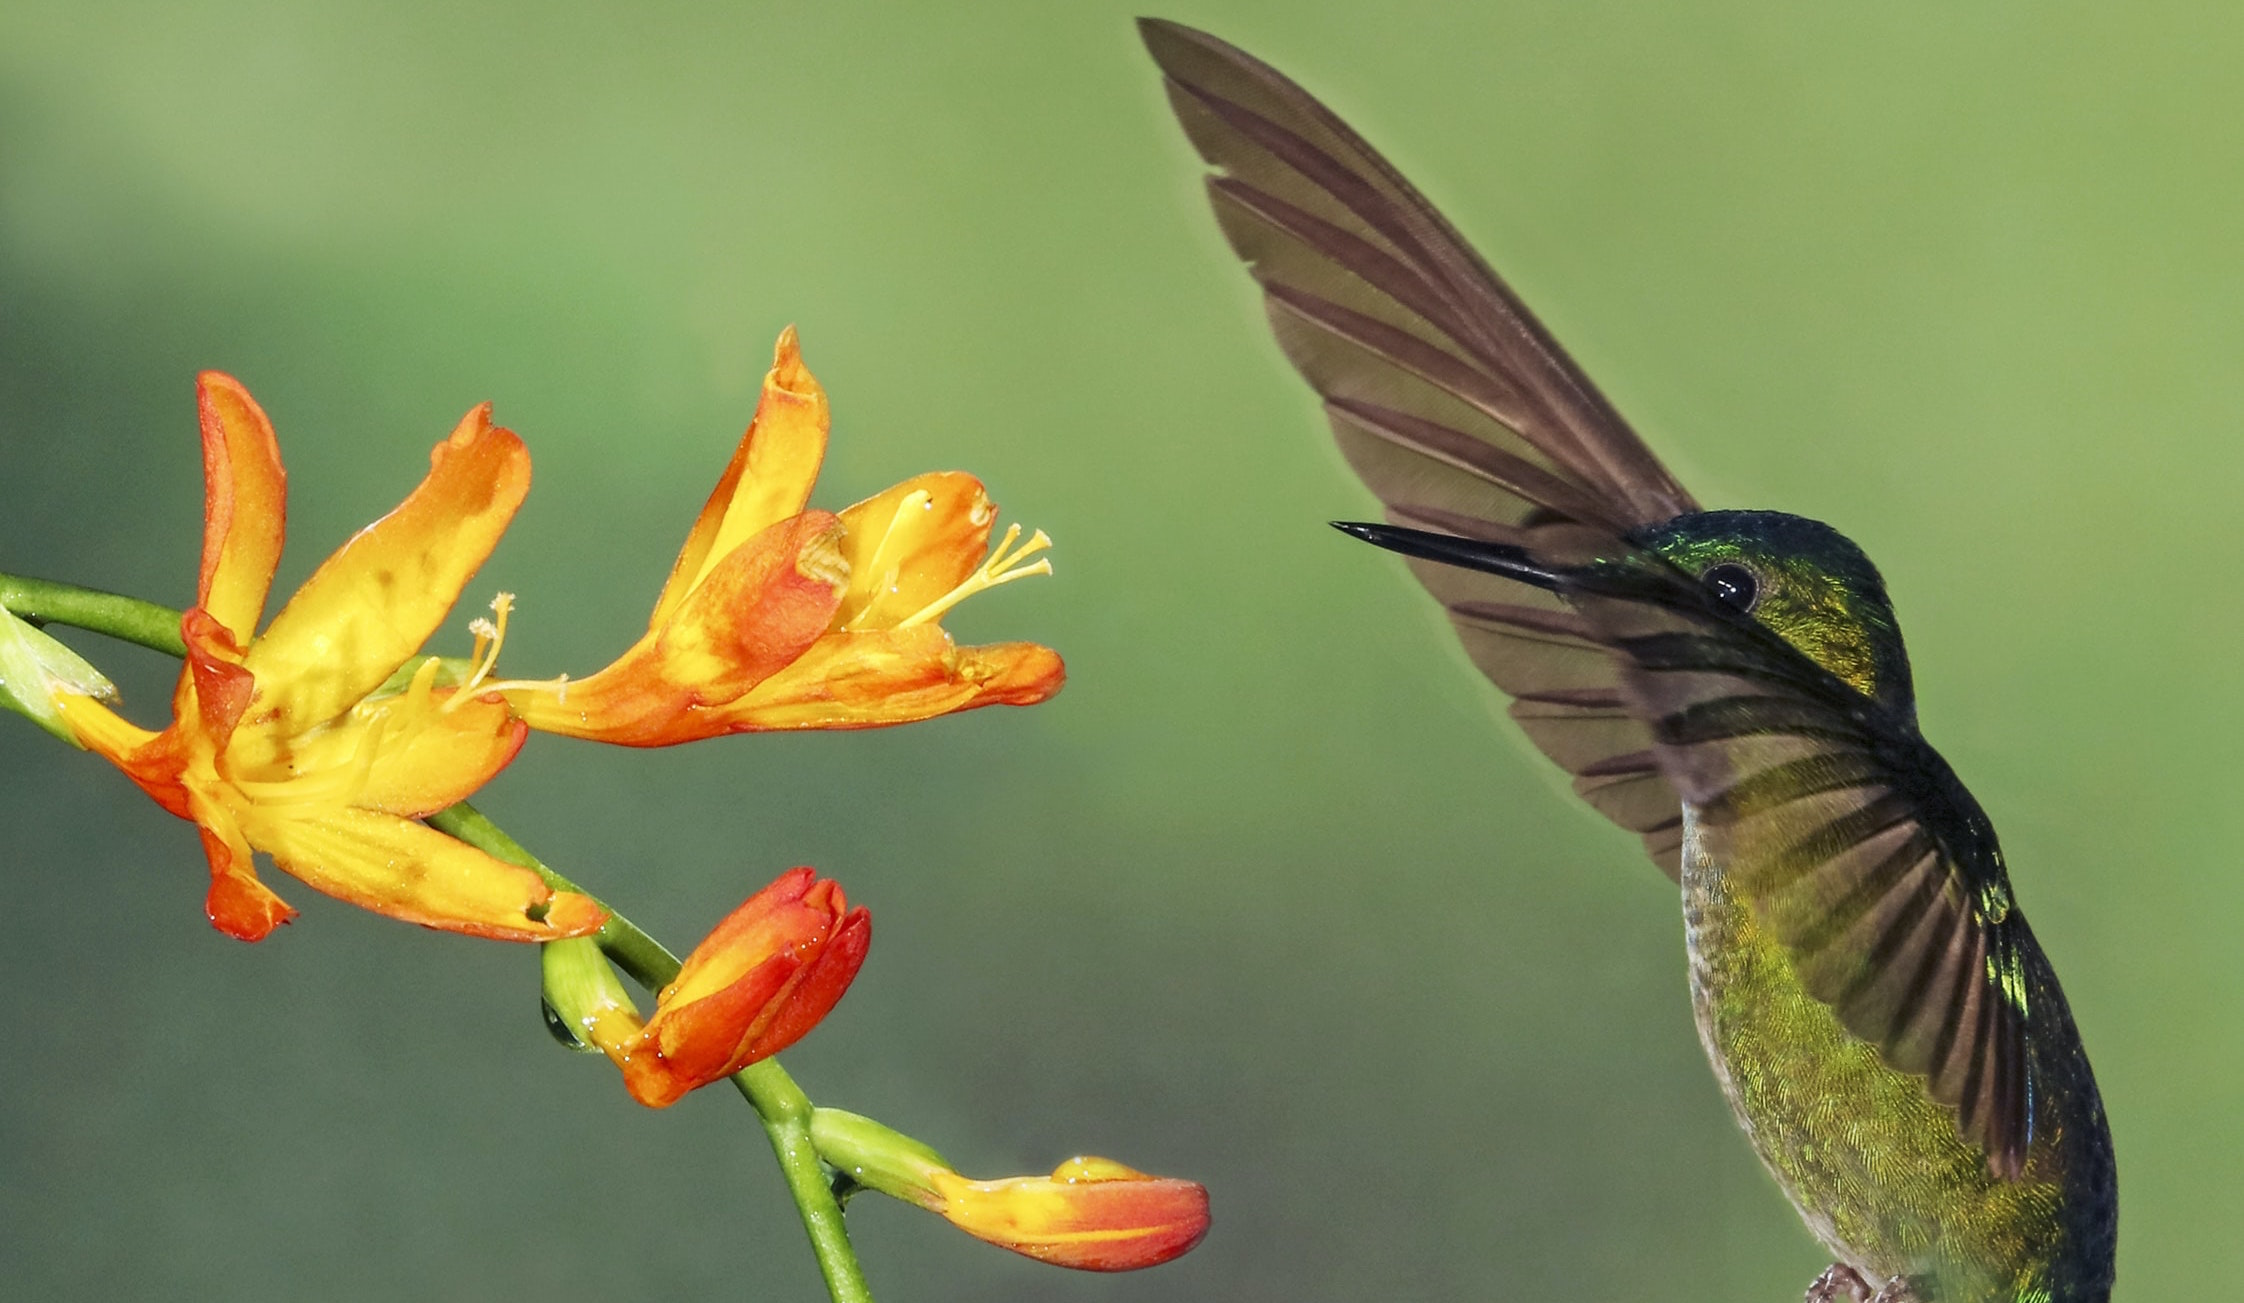 Top Ten Coolest Pollinators - Hummingbird